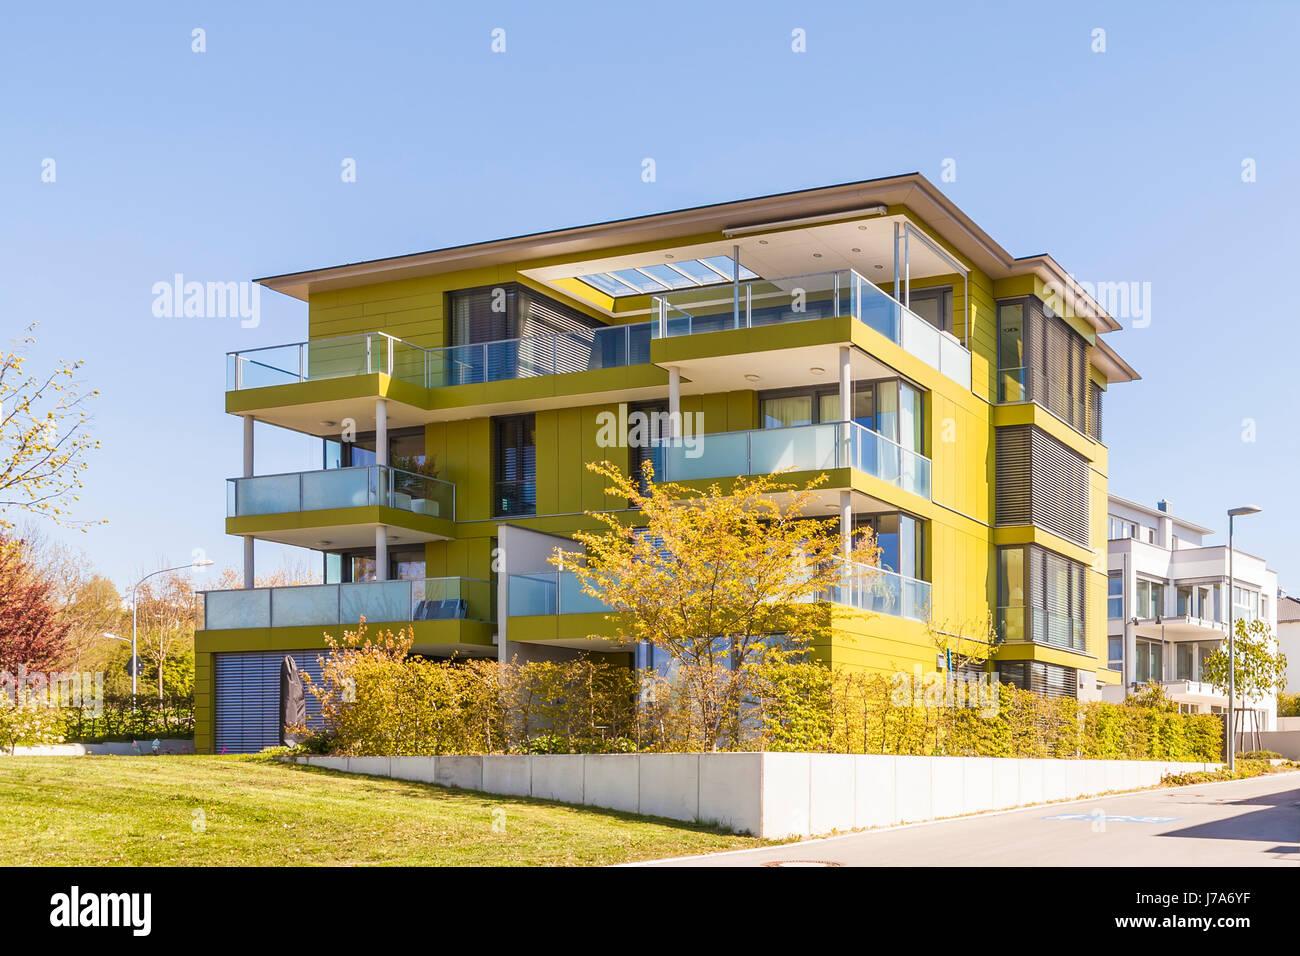 Wunderbar Moderne Mehrfamilienhäuser Das Beste Von Mehrfamilienhäuser